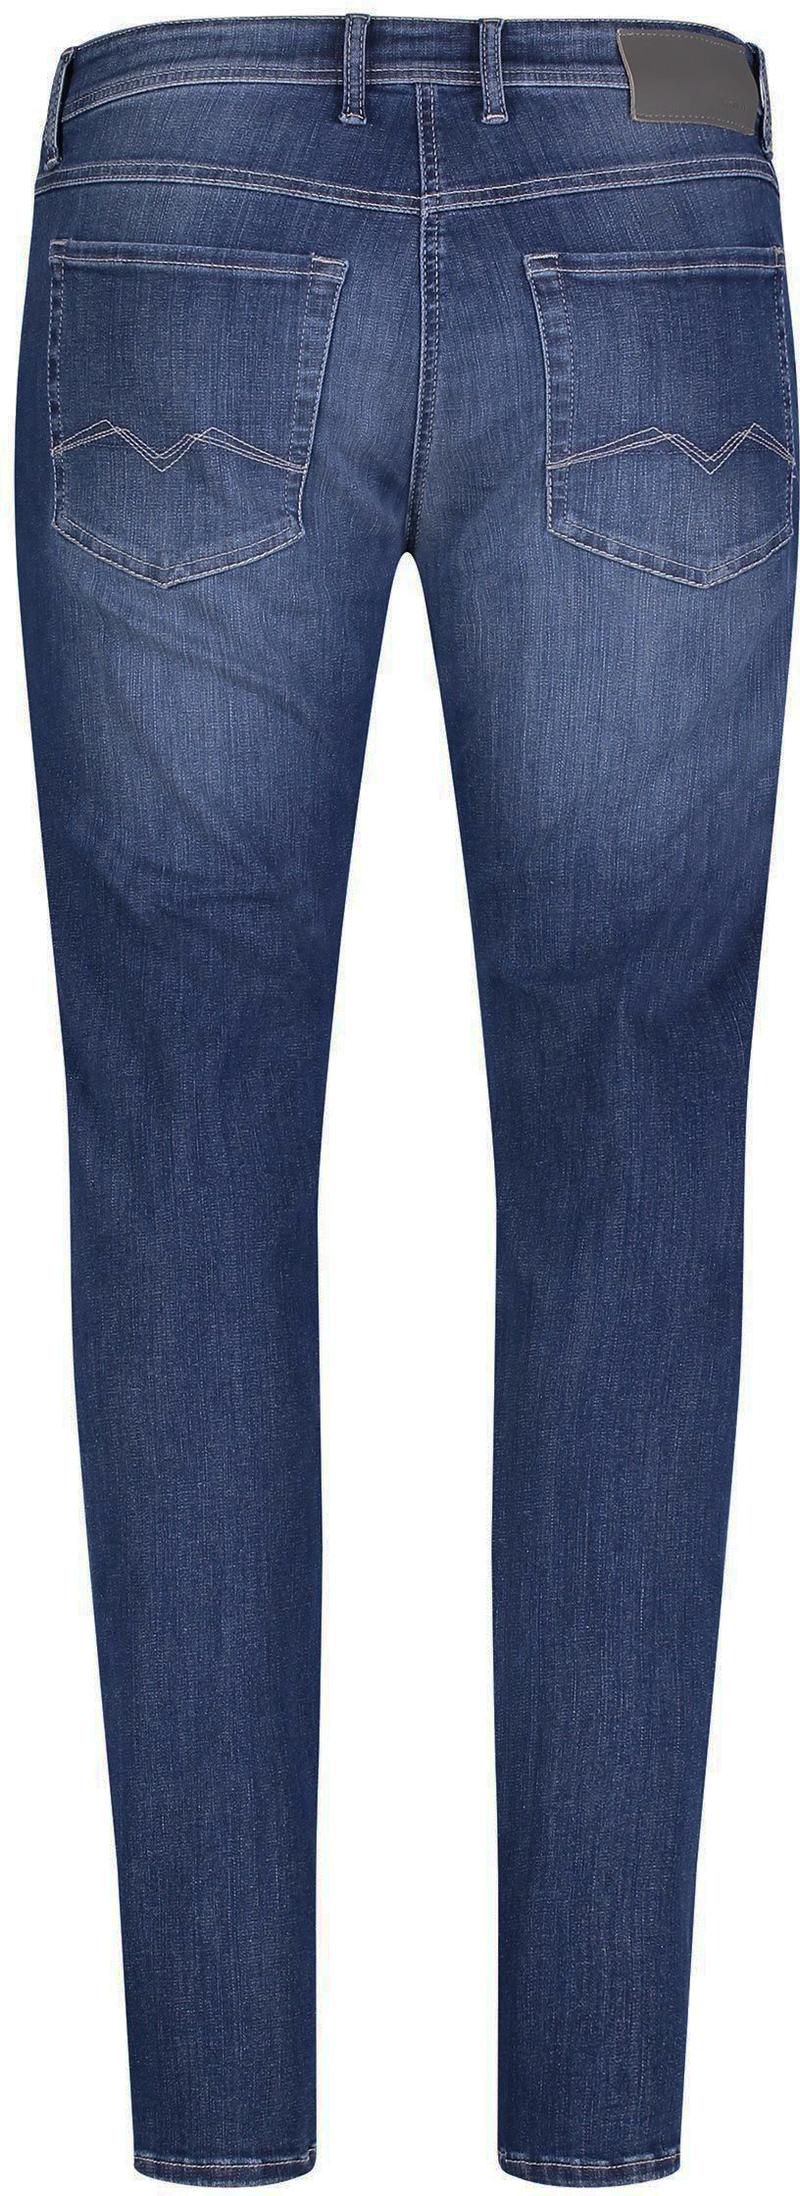 Mac Jeans Arne Pipe Flexx Superstretch H559 Foto 1